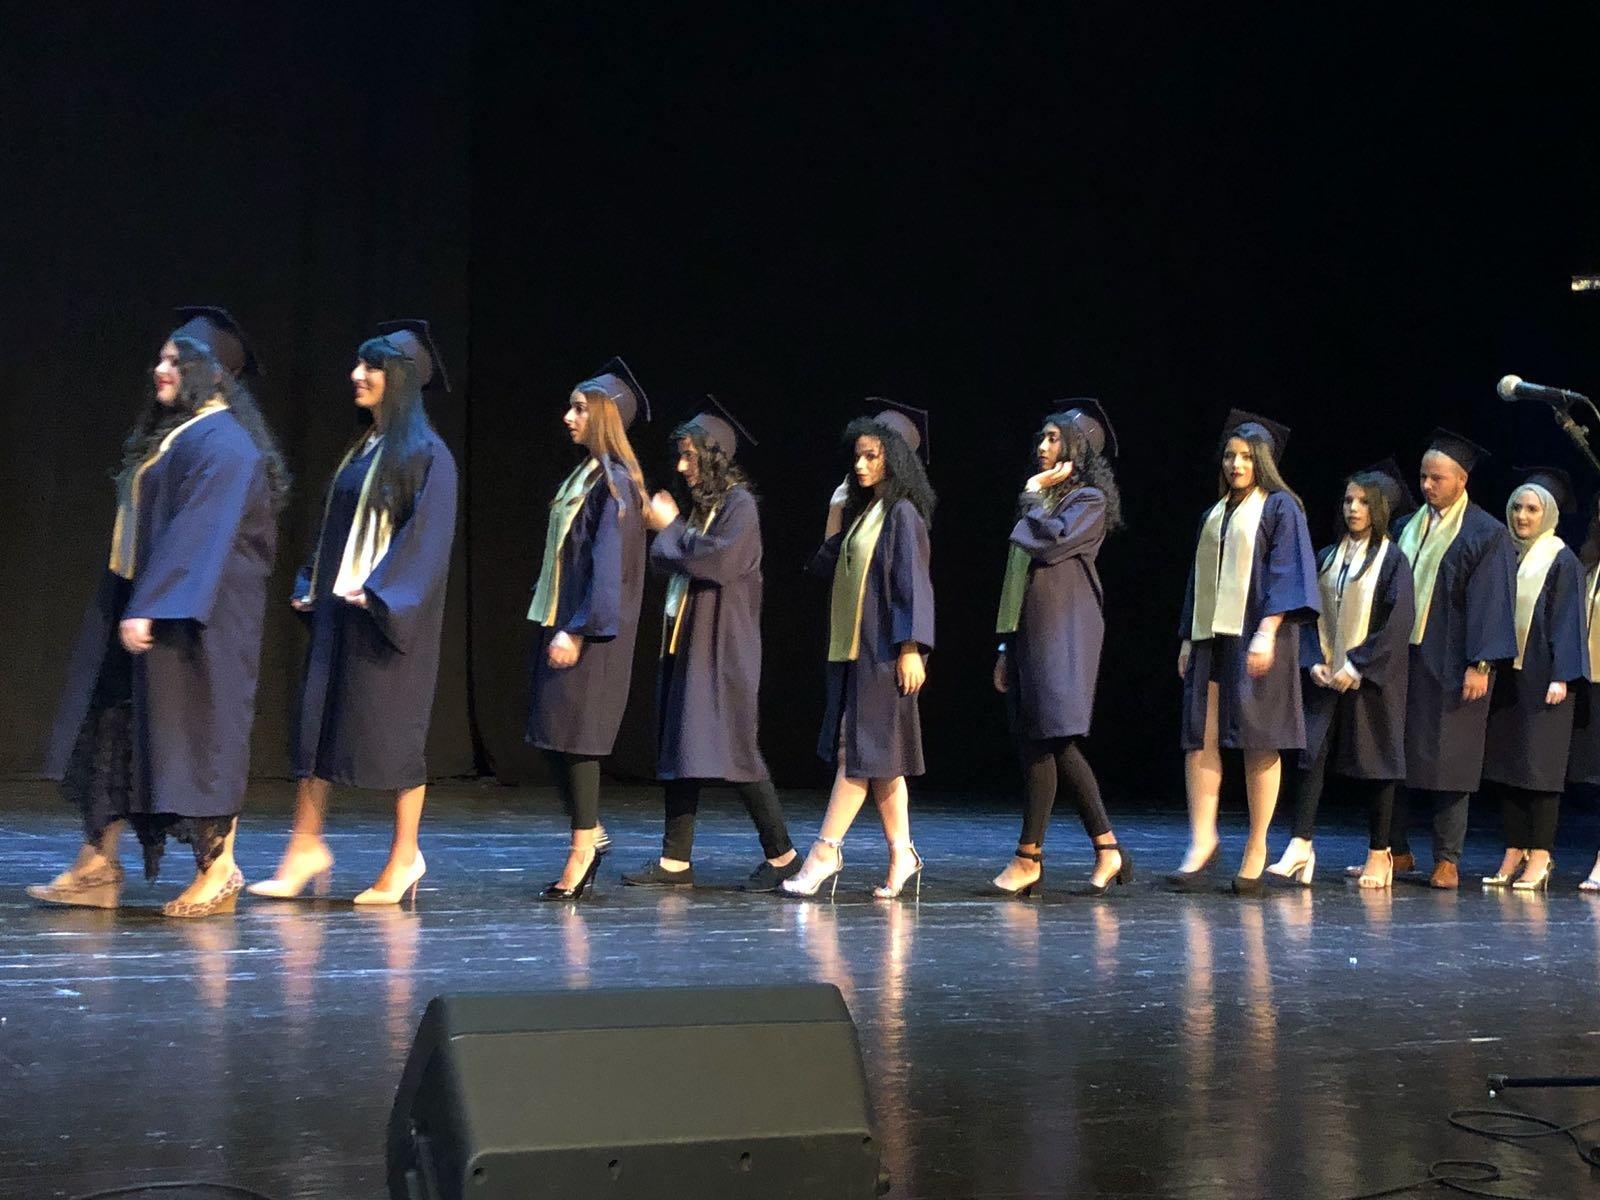 ثانوية الكرمة للعلوم في حيفا تحتفل بتخريج الفوج الثالث من طلاب الثواني عشر